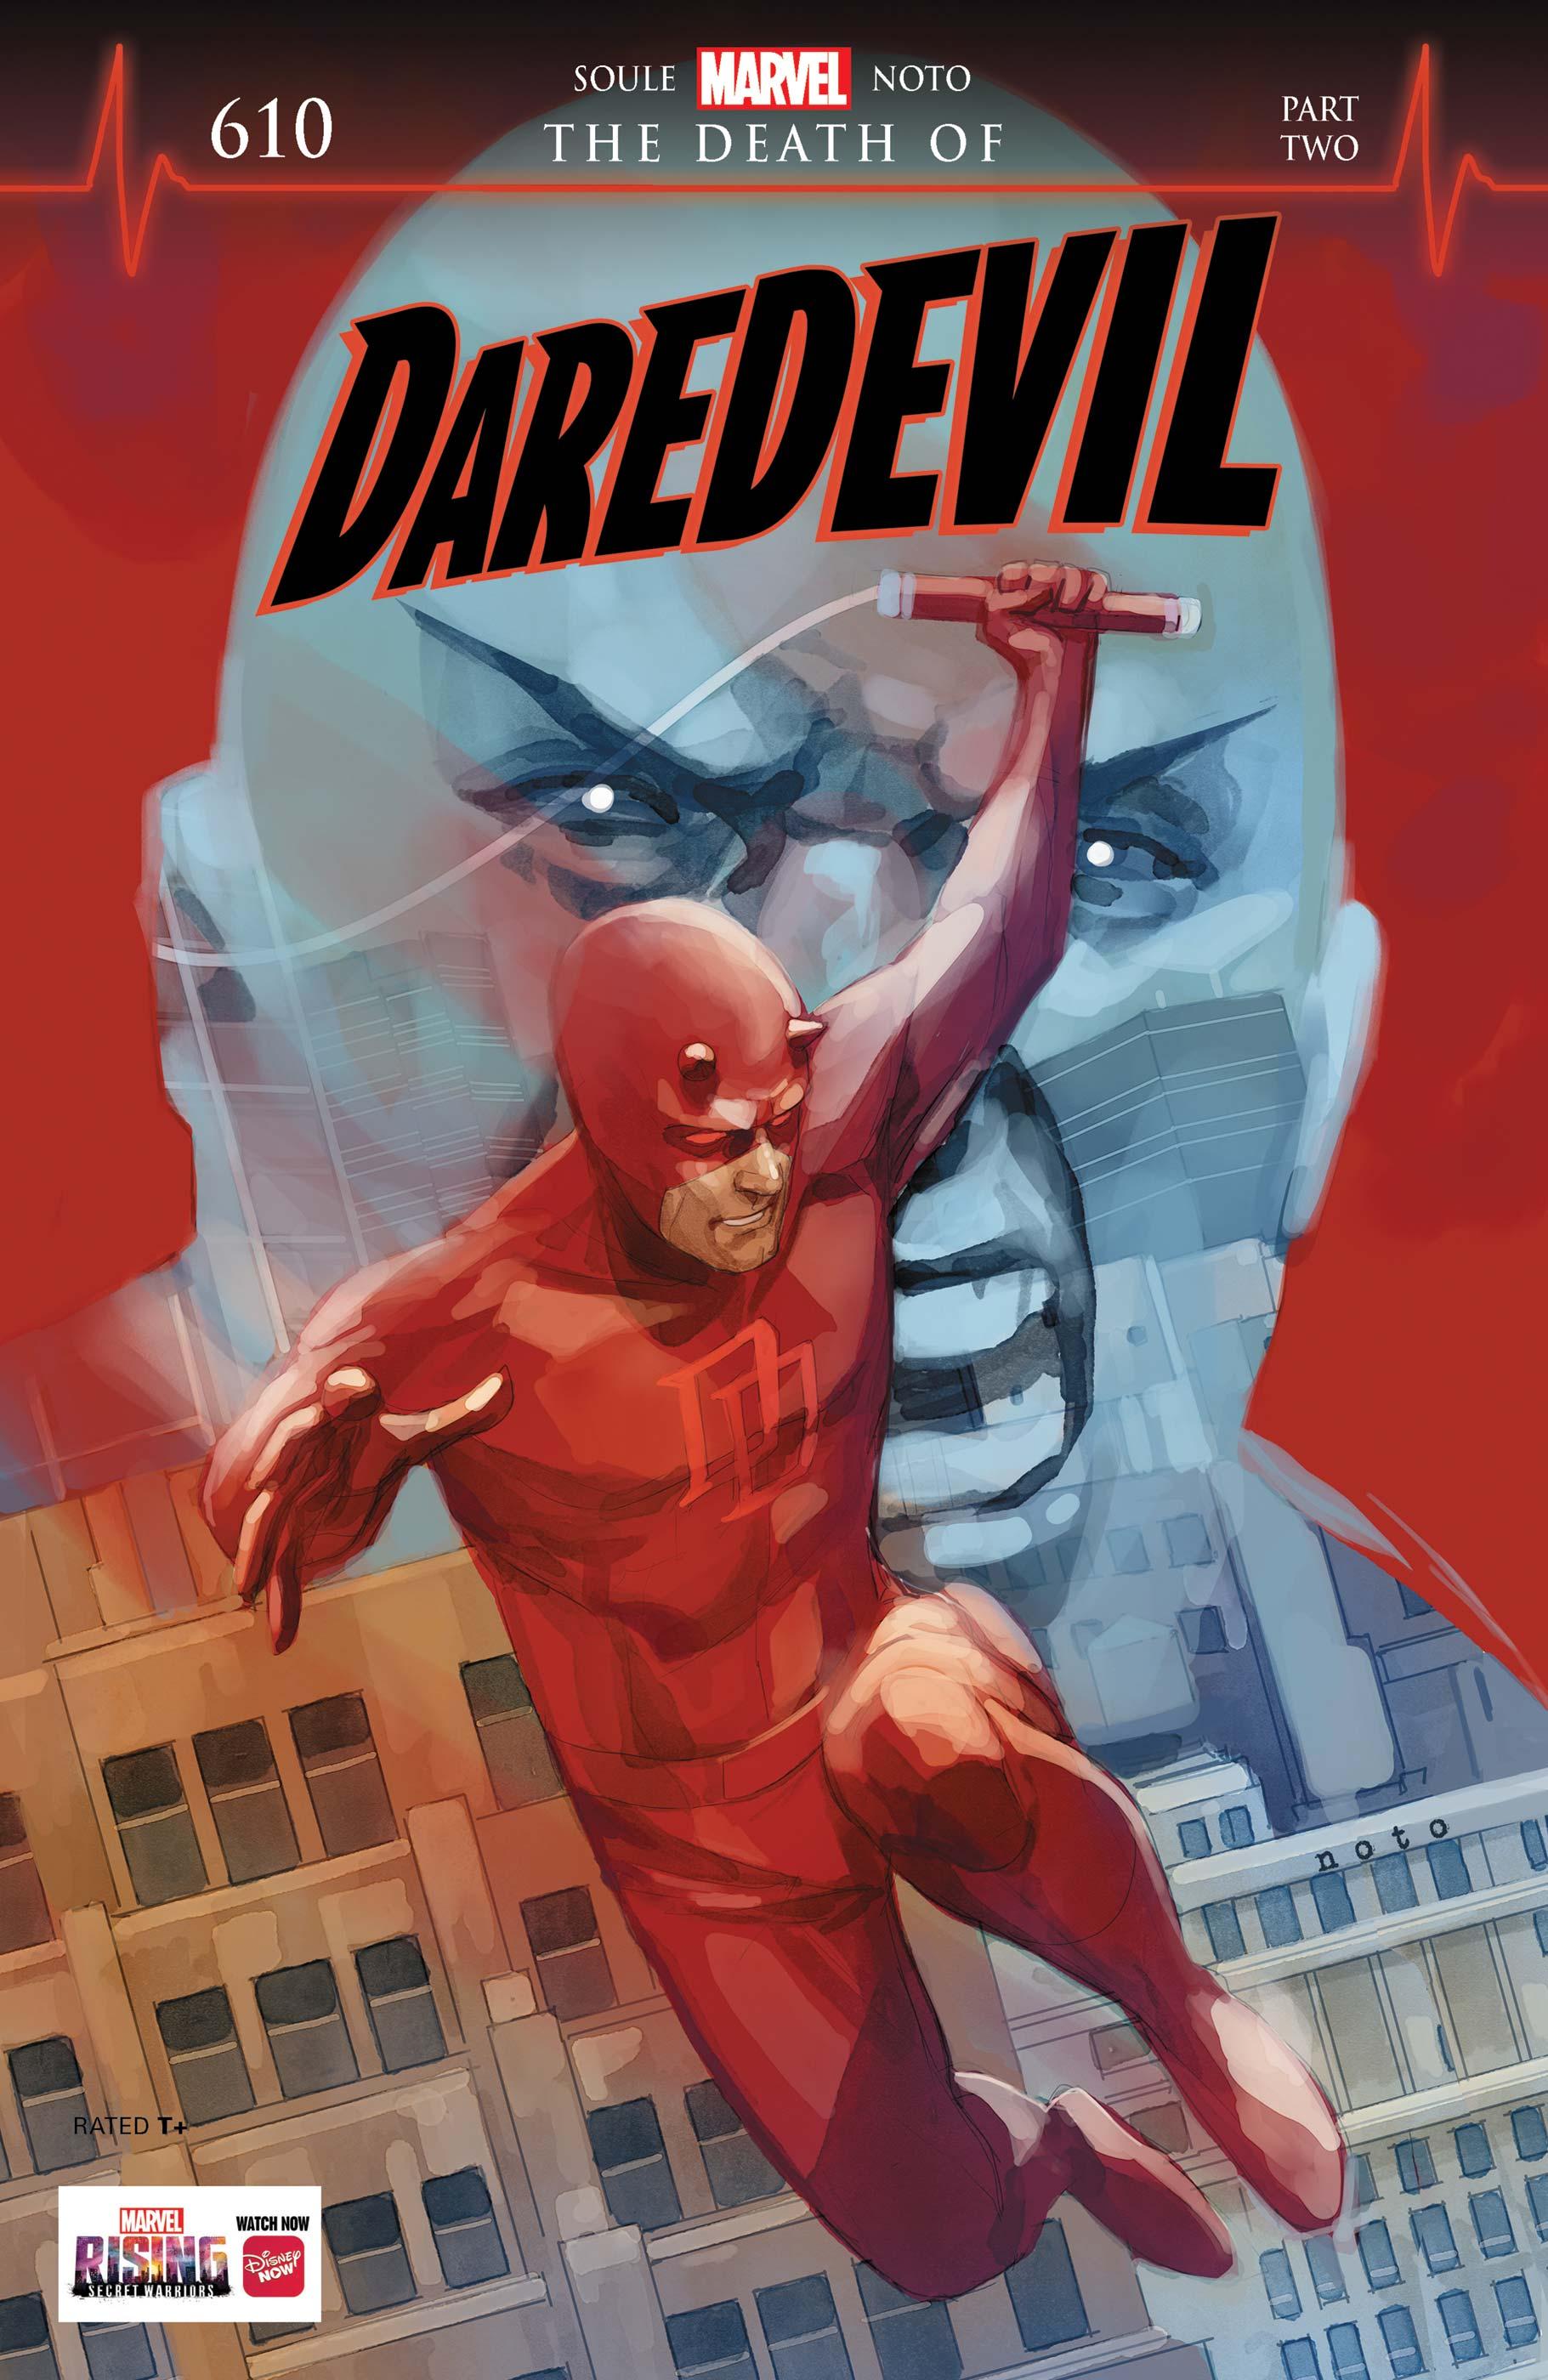 Daredevil (2015) #610